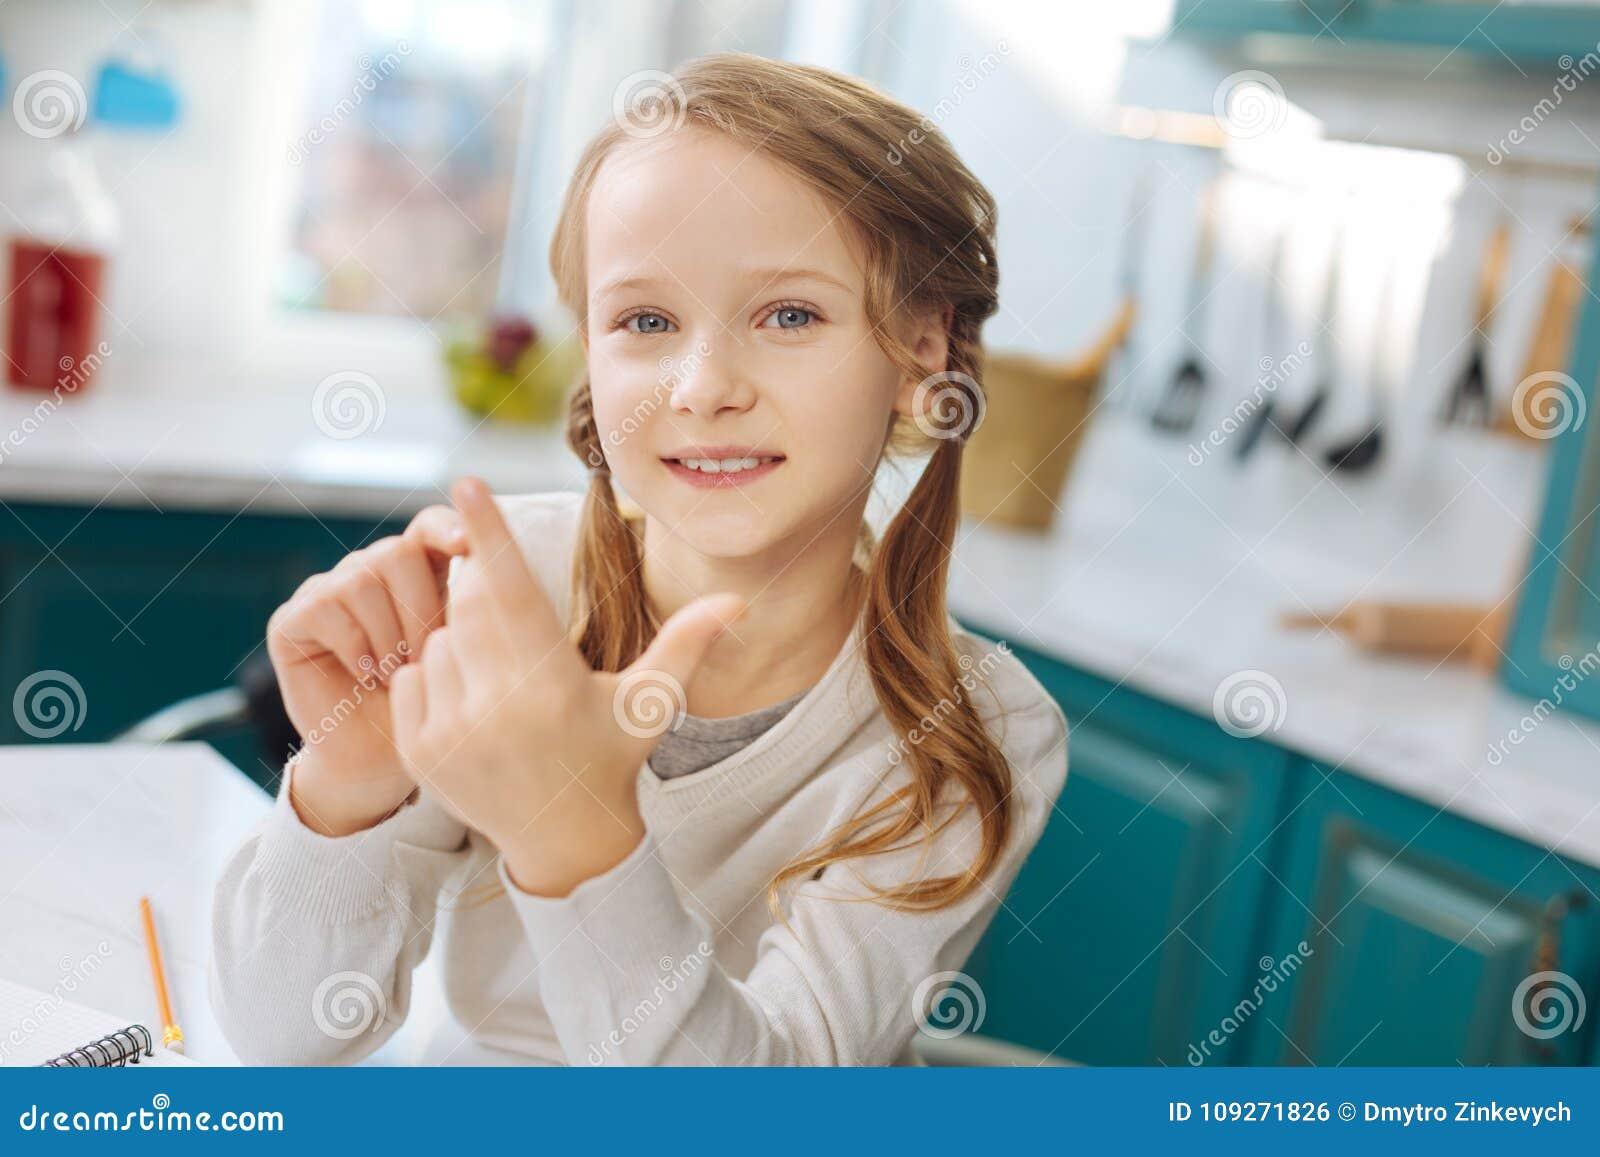 Estudante deleitada que conta em seus dedos